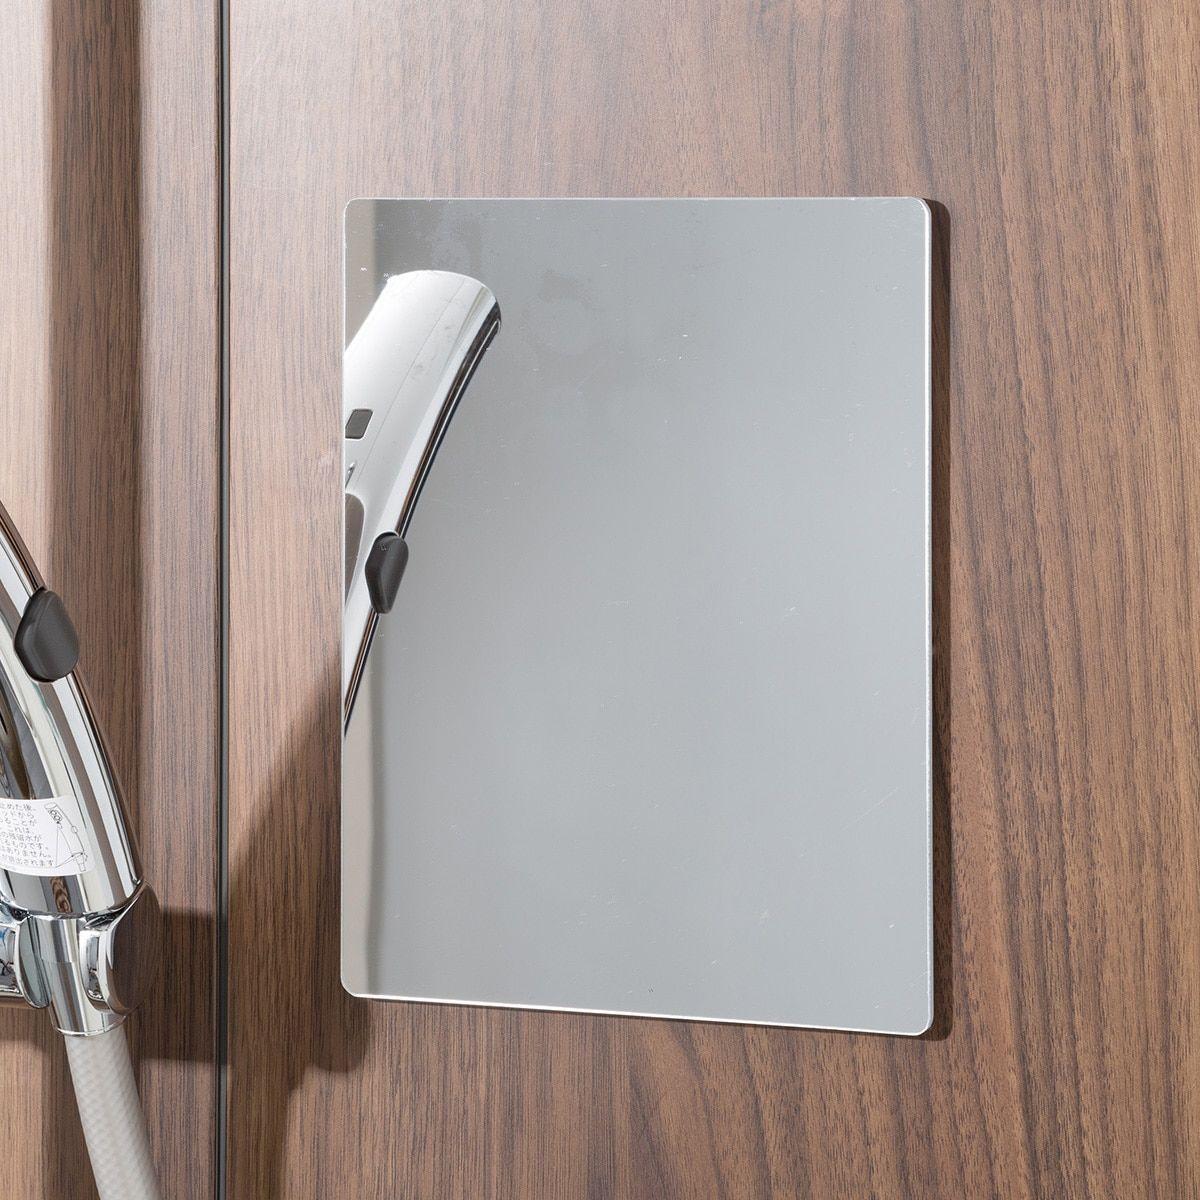 ニトリ 浴室マグネット くもり止め樹脂ミラー アーバン 通販 浴室 マグネット マグネット ミラー